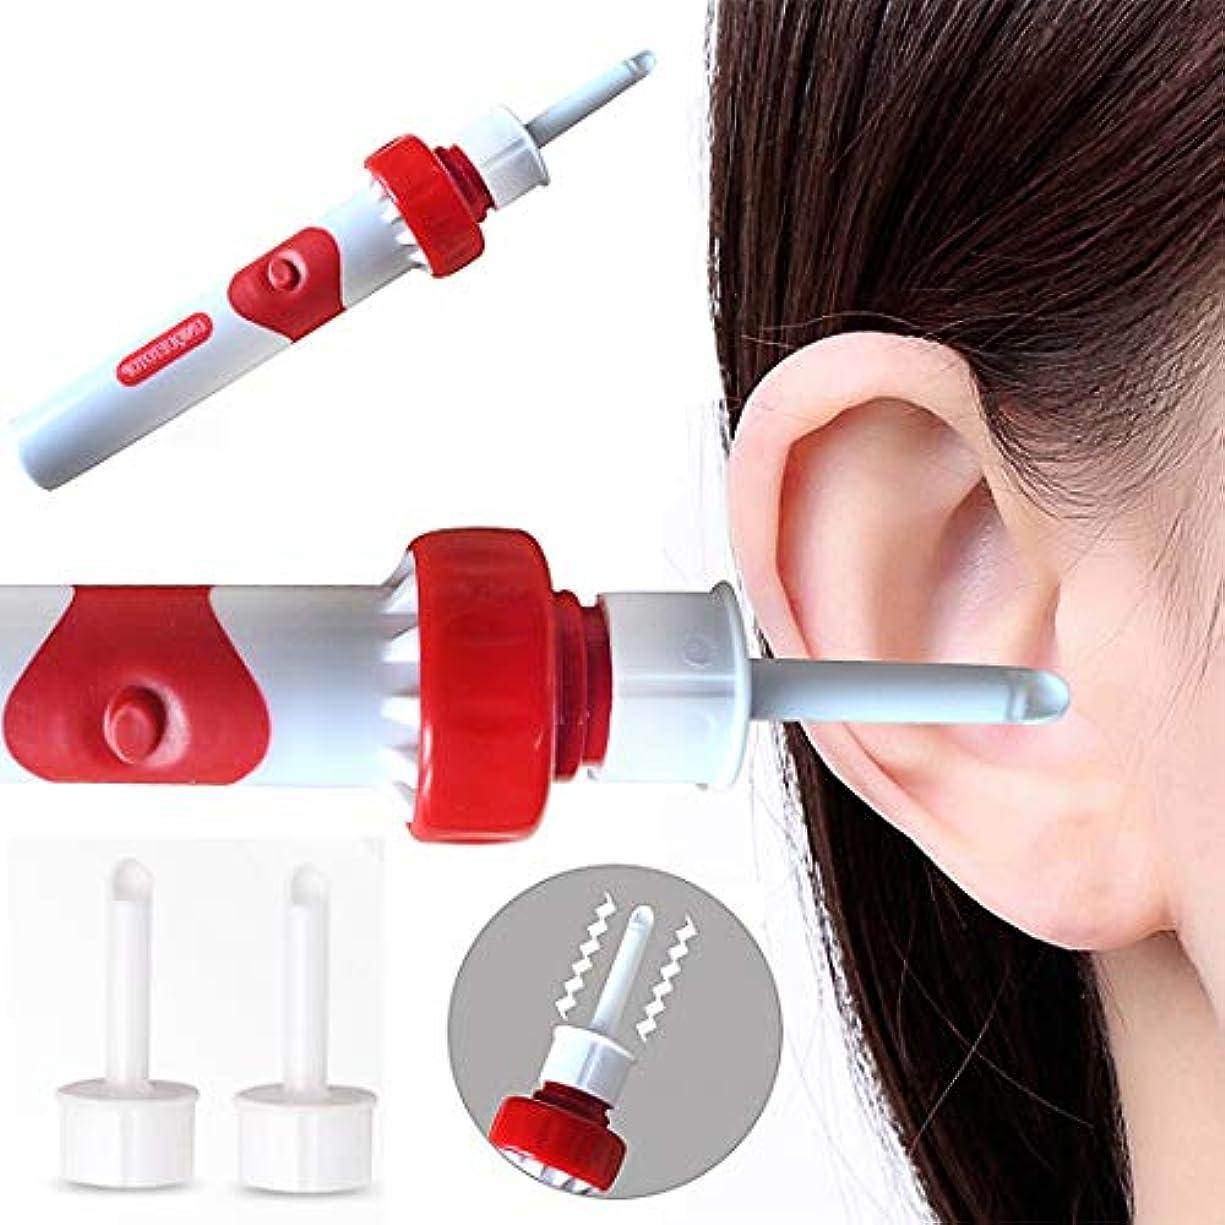 排除豊かなもっと少なく耳かき 耳すっきりクリーナー 耳のお掃除 耳のケア 耳かき ポケットイヤークリーナー